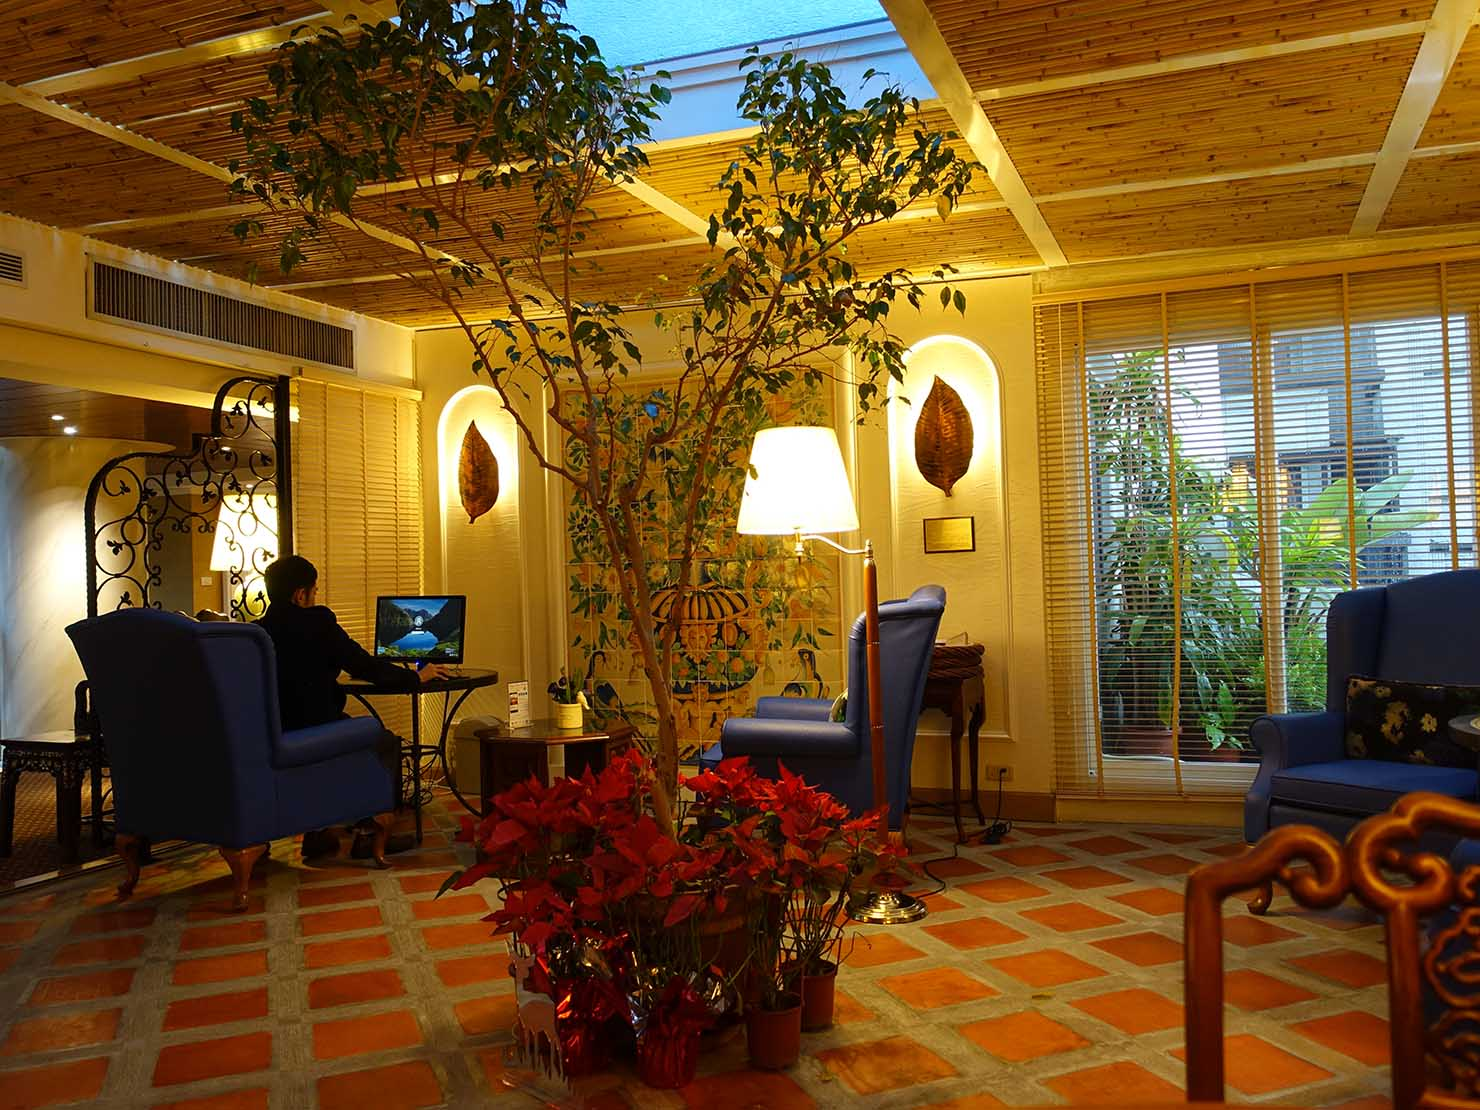 台北のおすすめ4つ星ホテル「歐華酒店(リビエラホテル)」7階・曜廷花園(エグゼクティブガーデン)のパソコン